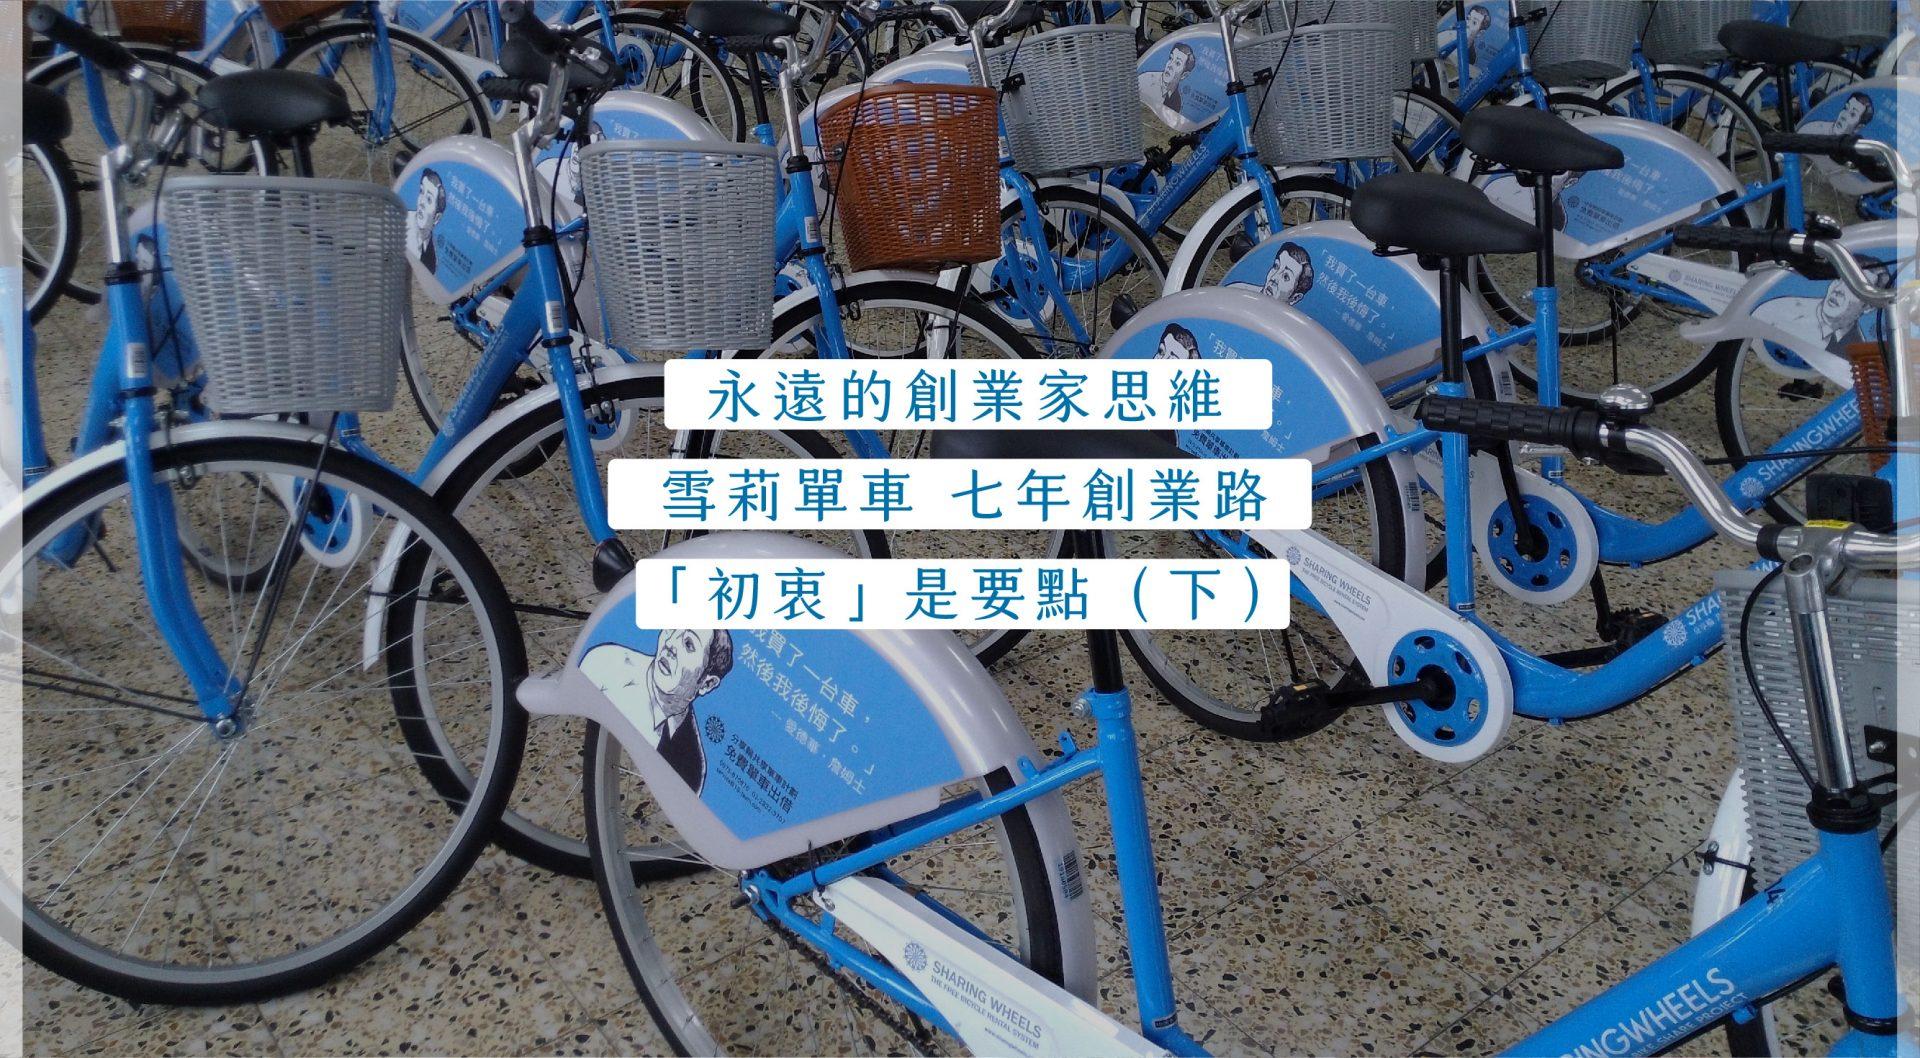 永遠的創業家思維 雪莉單車 七年創業路 「初衷」是要點(下)